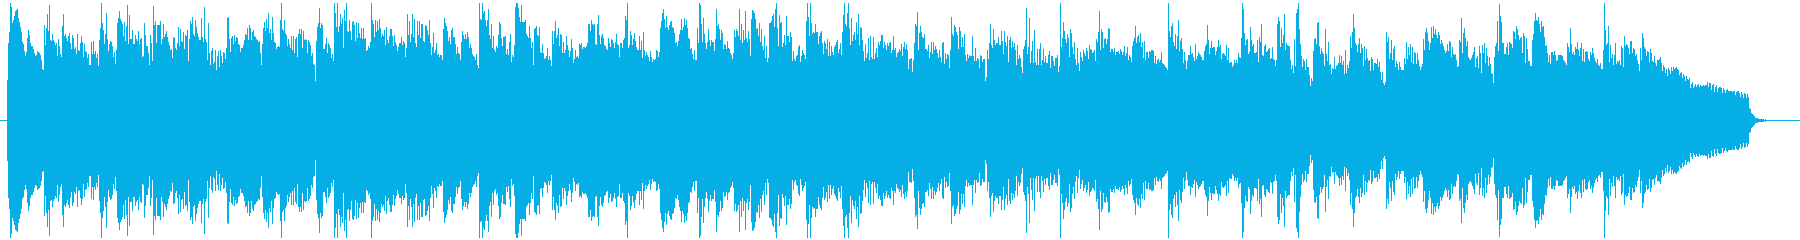 コミカルなパーカッション主体のBGMの再生済みの波形